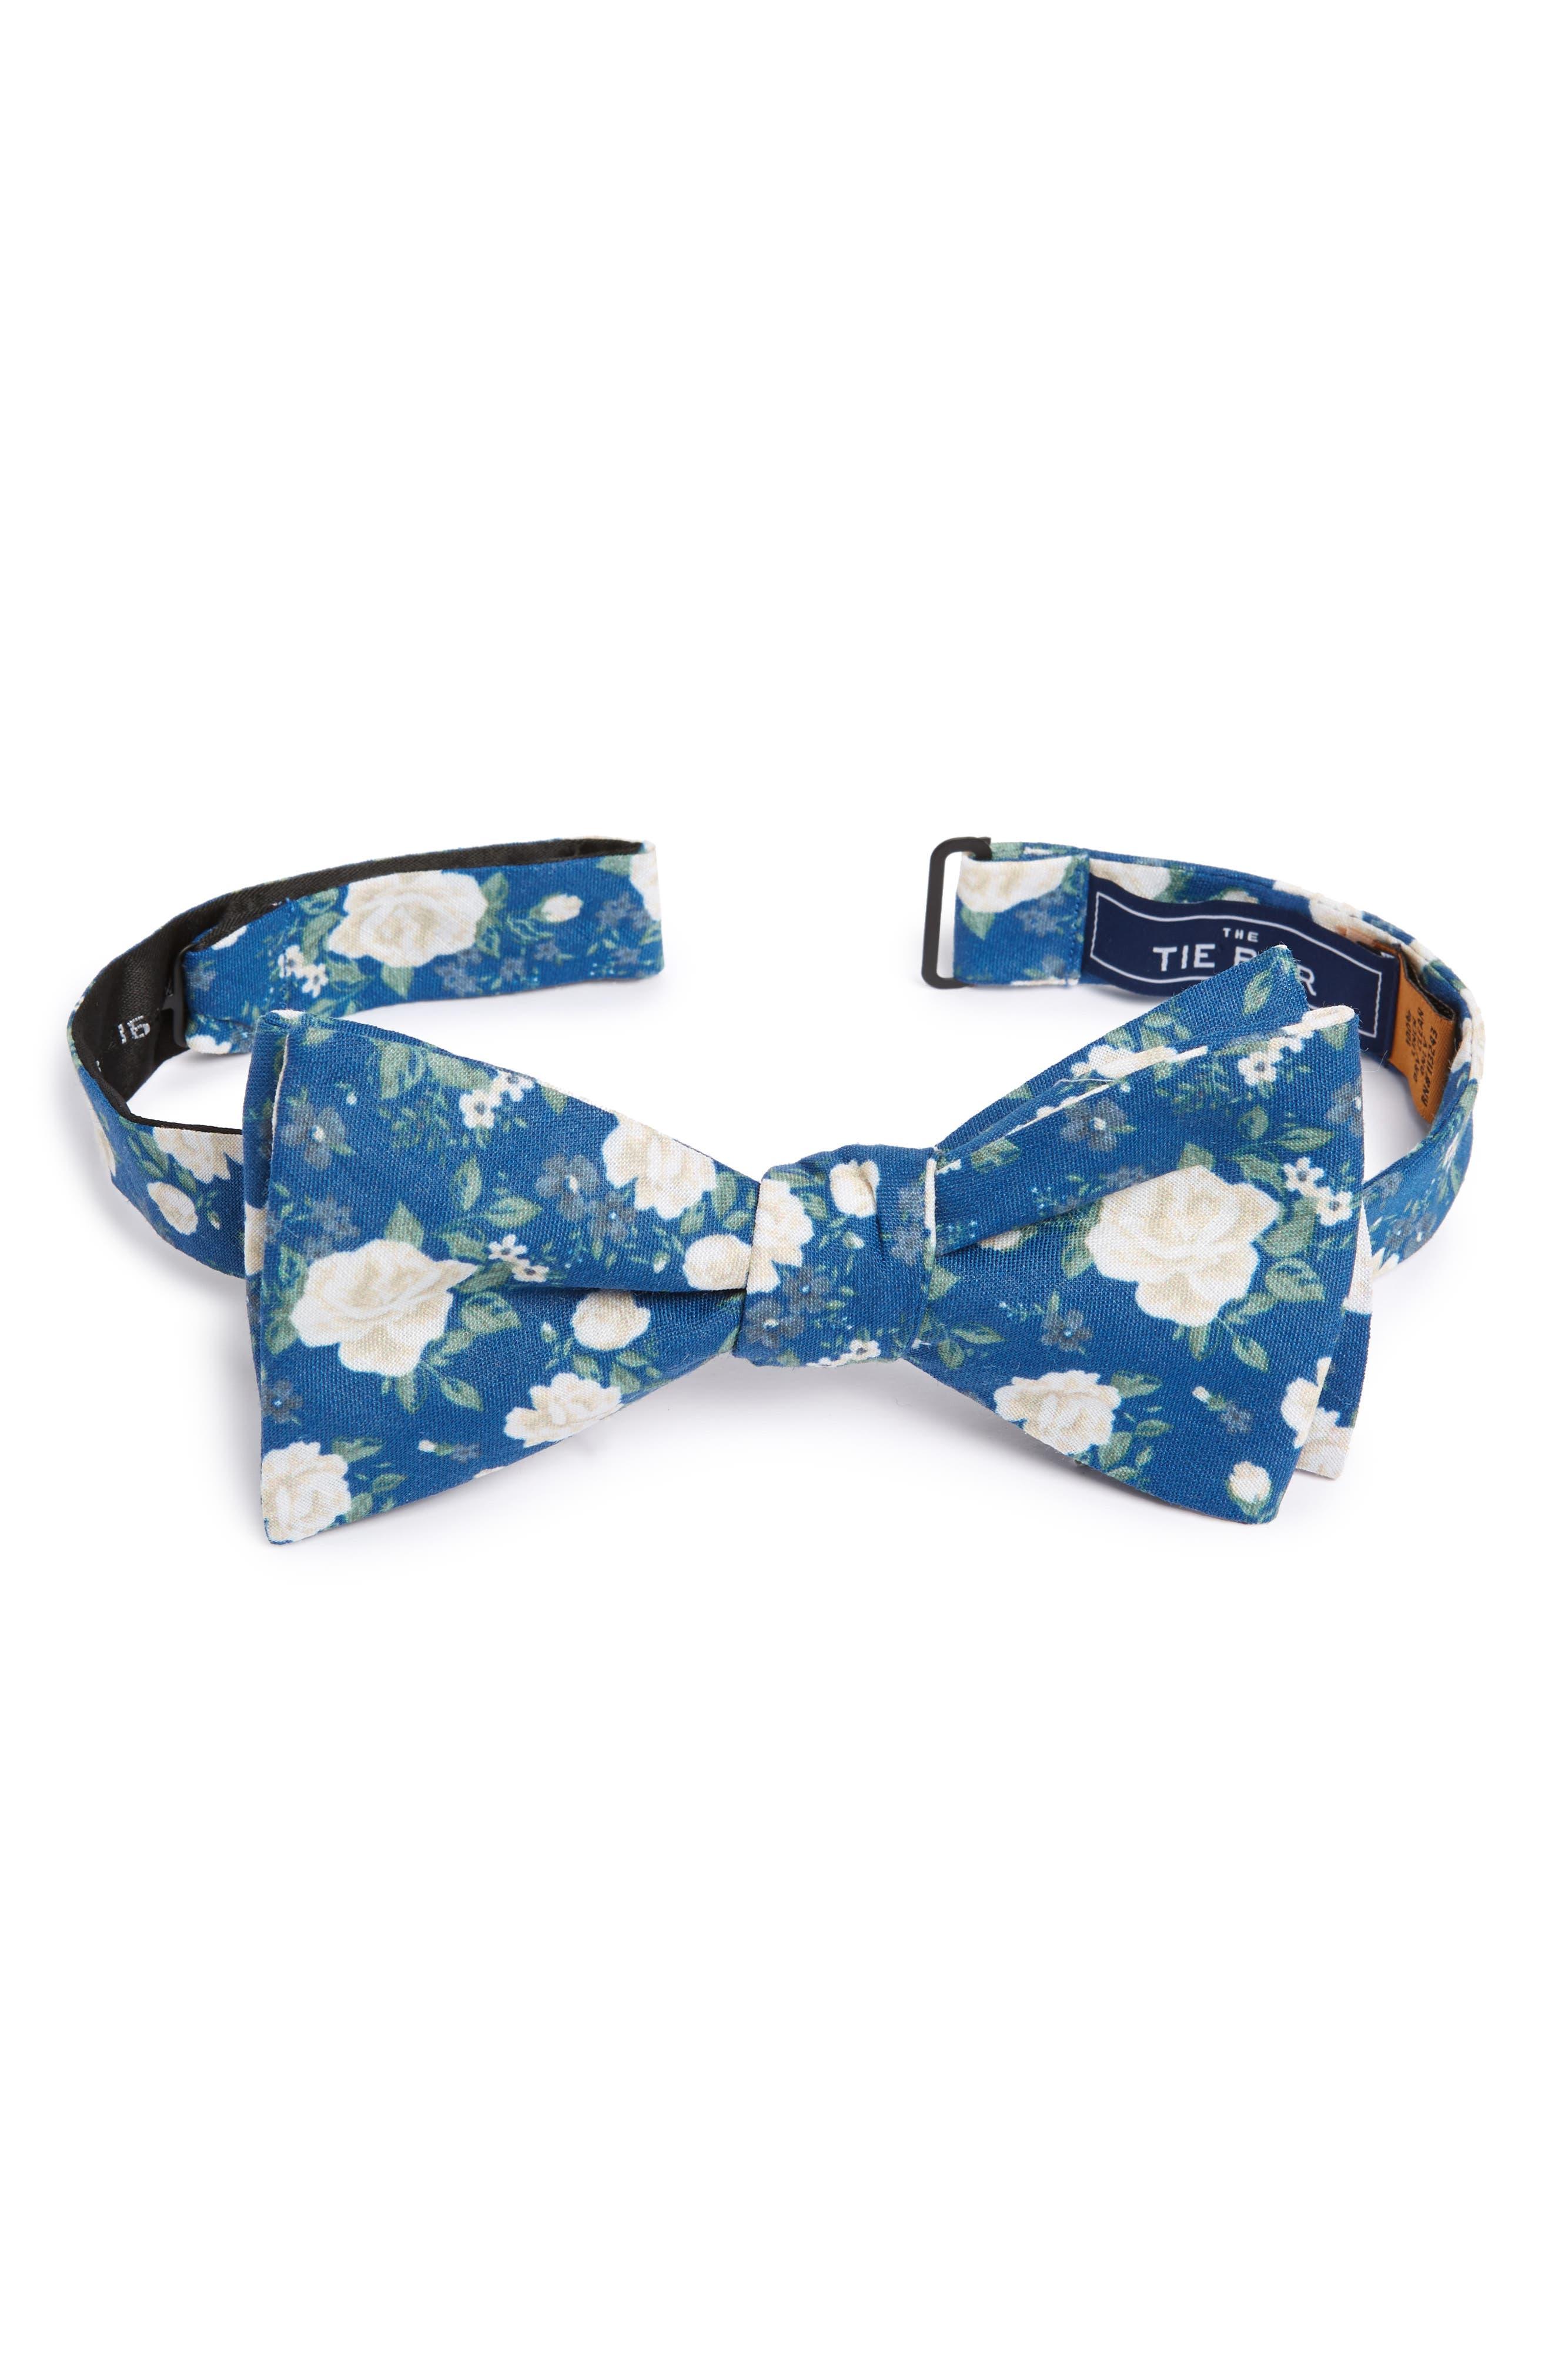 Hodgkiss Flowers Linen Bow Tie,                         Main,                         color, ROYAL BLUE